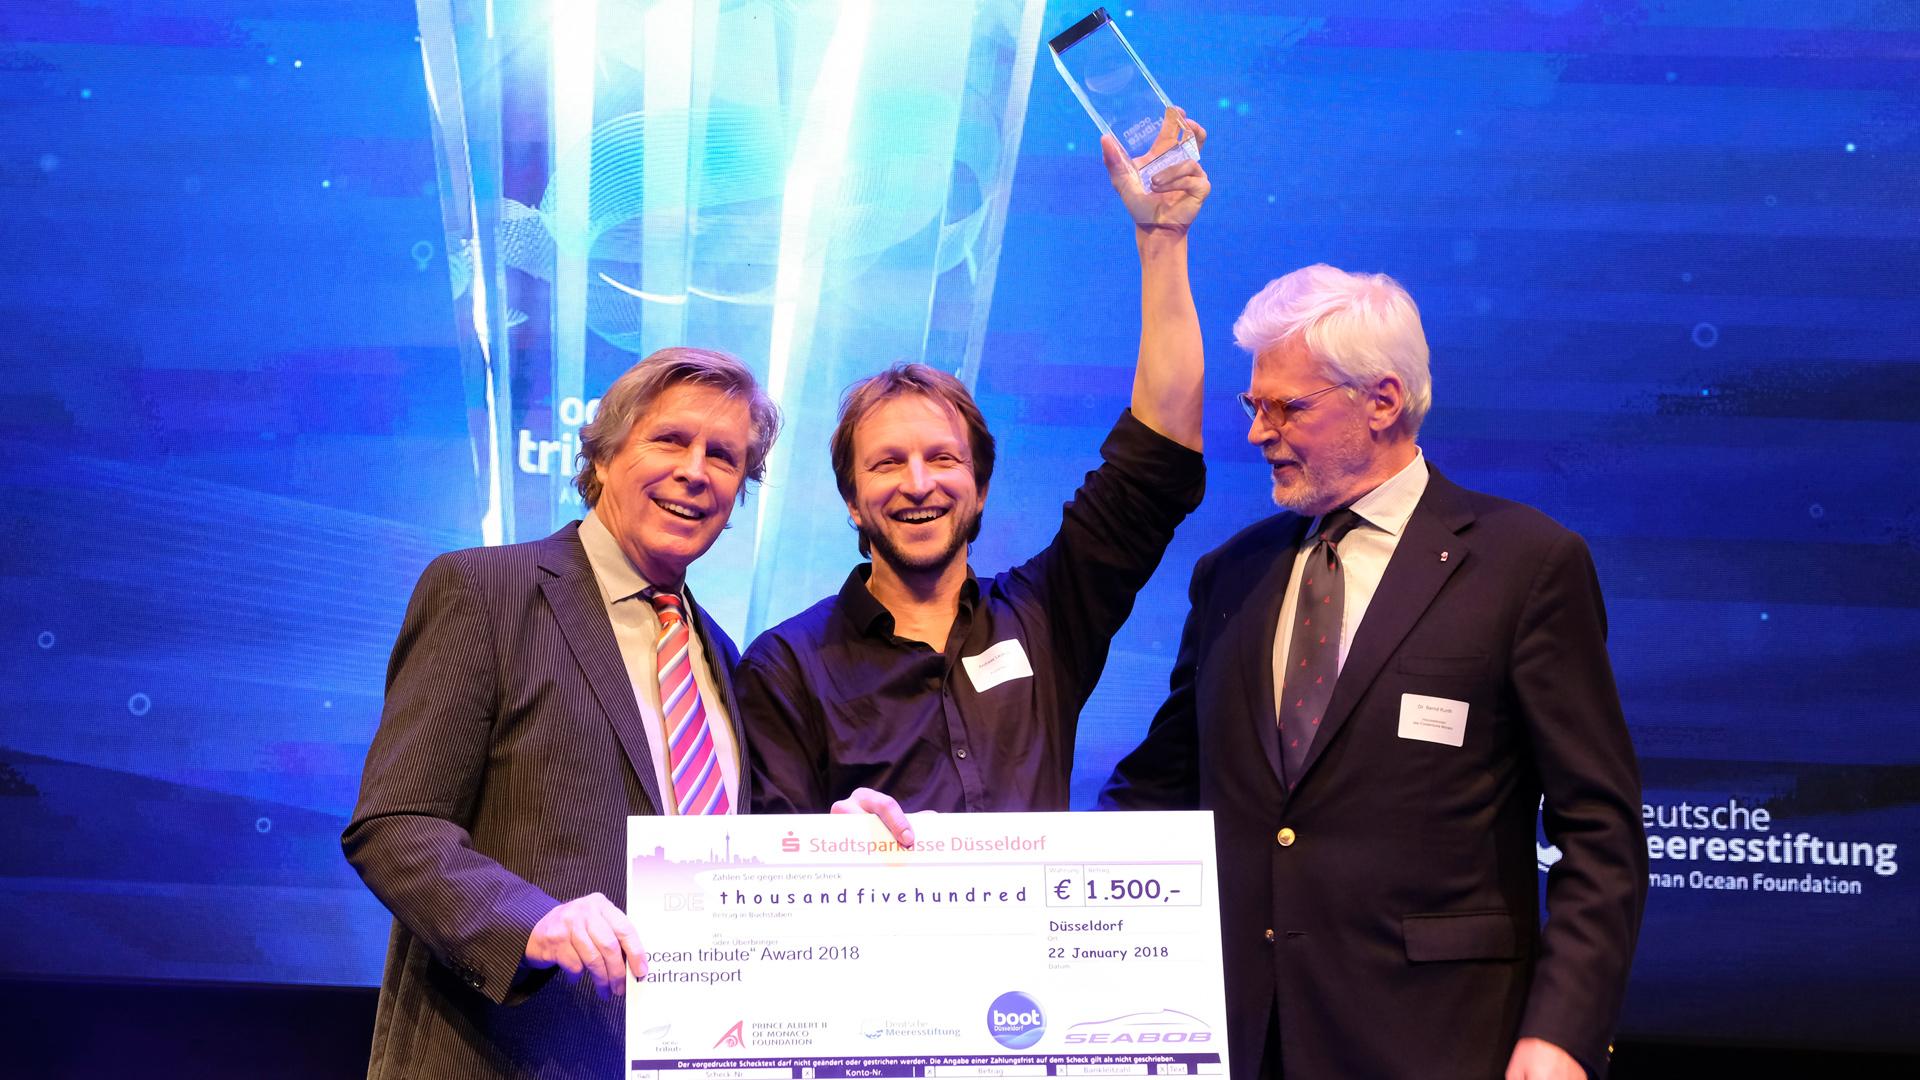 Schauspieler Sigmar Solbach, Vertreter des Fürstentums Monaco, Honorarkonsul Dr. Bernd Kunth und Andreas Lackner von Fairtransport.